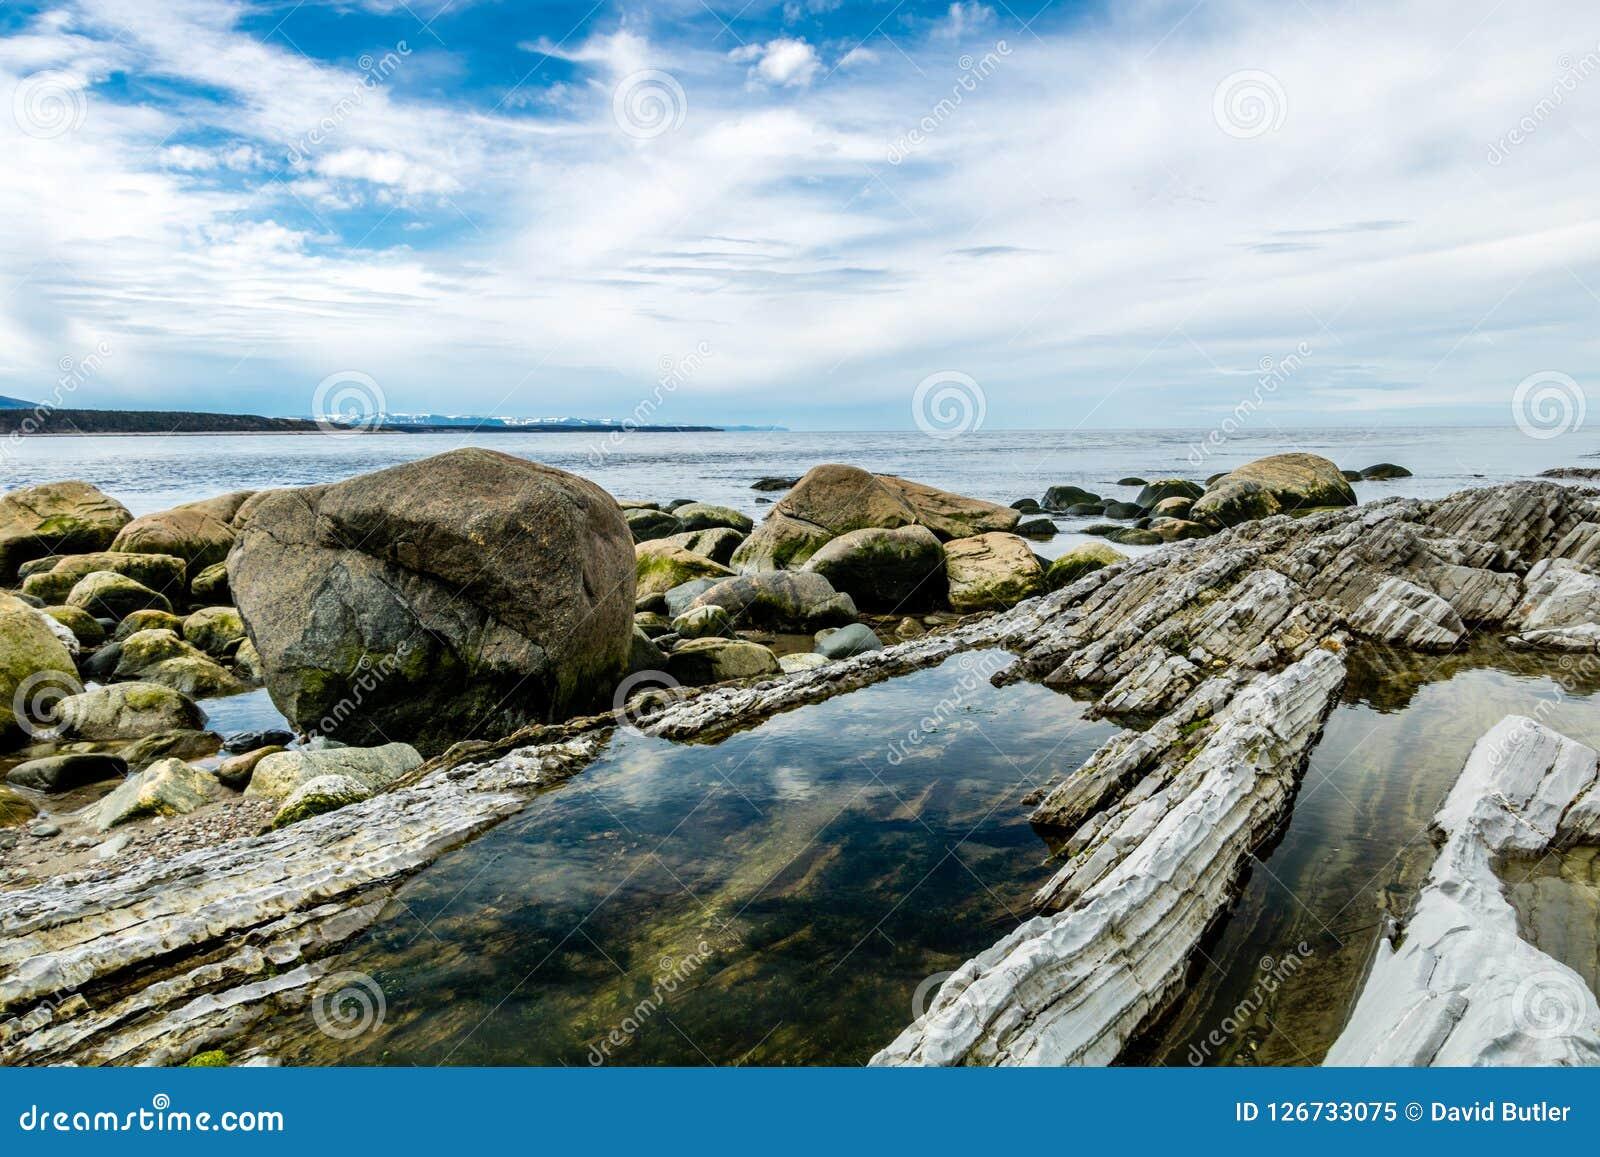 Södra sida av kvastpunkt, Gros, Morne, Newfoundland, Kanada